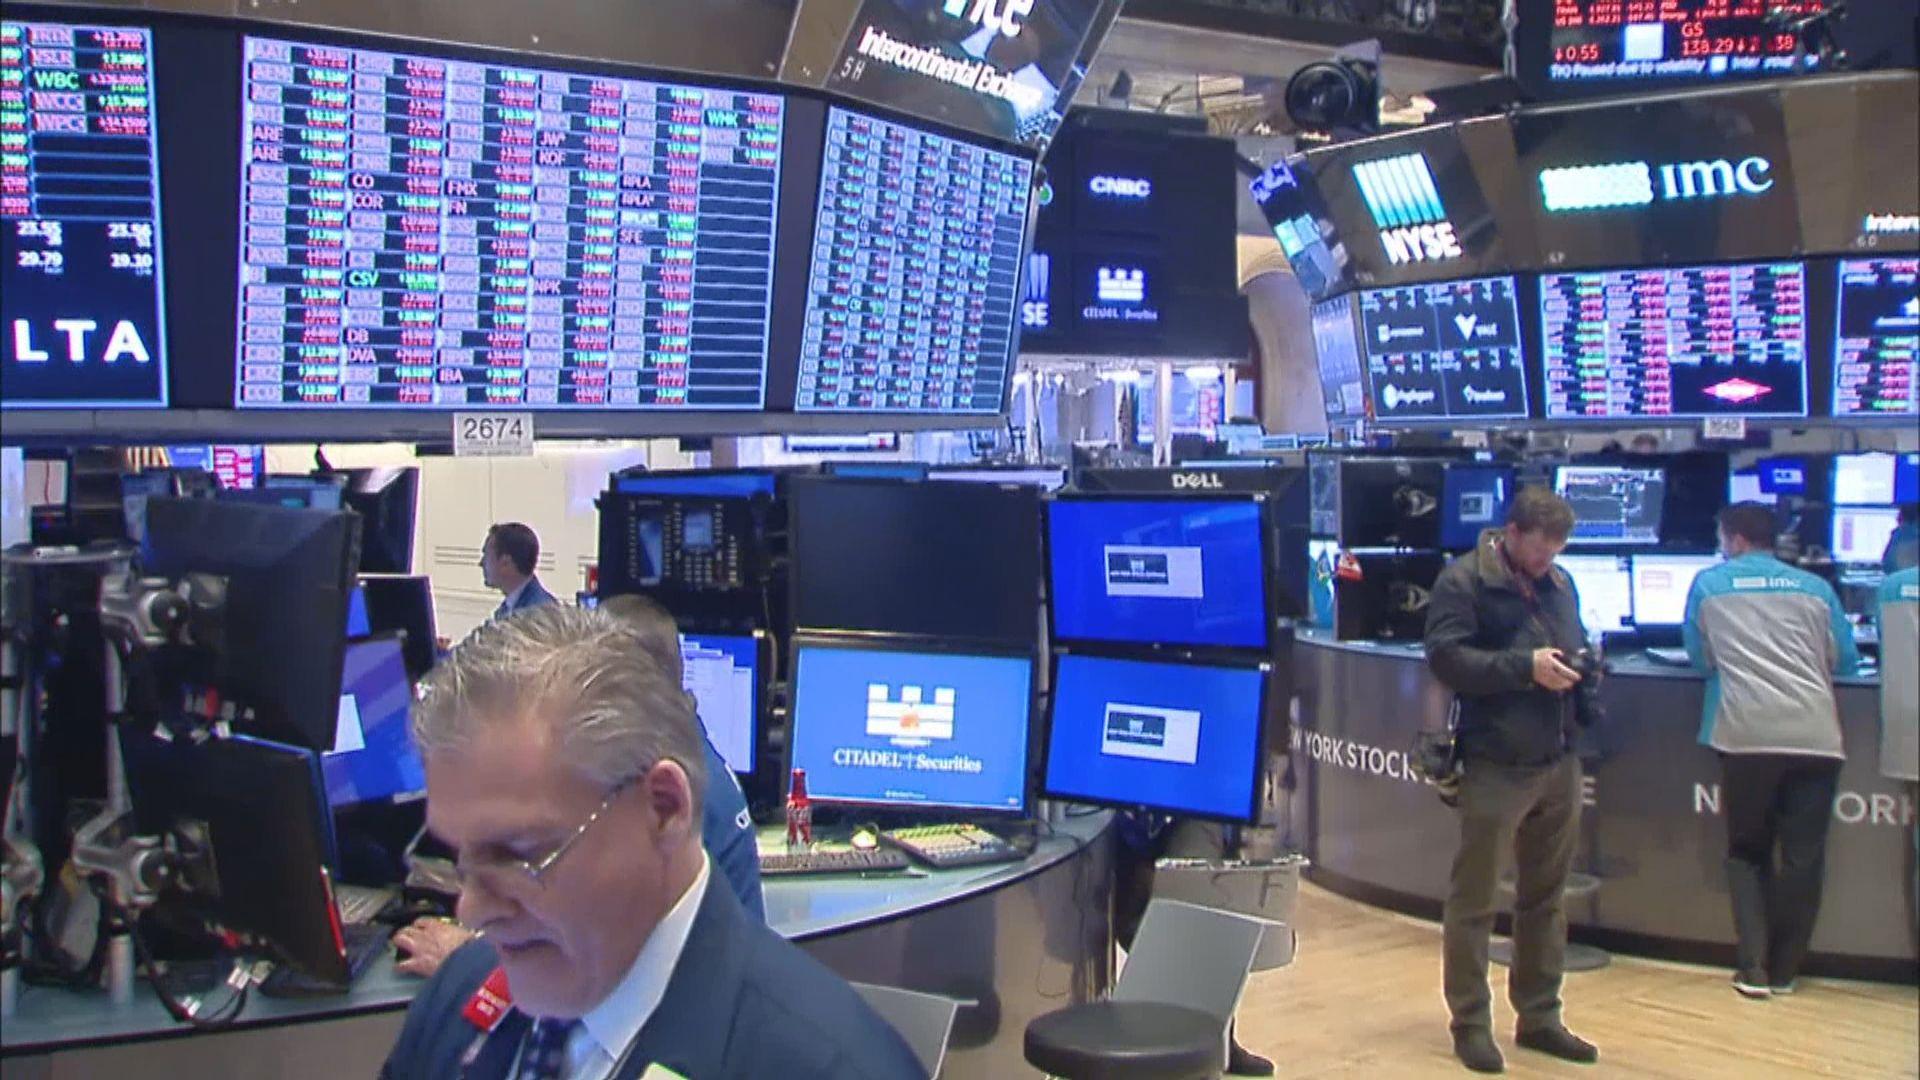 科技股破頂帶動美股持續上升